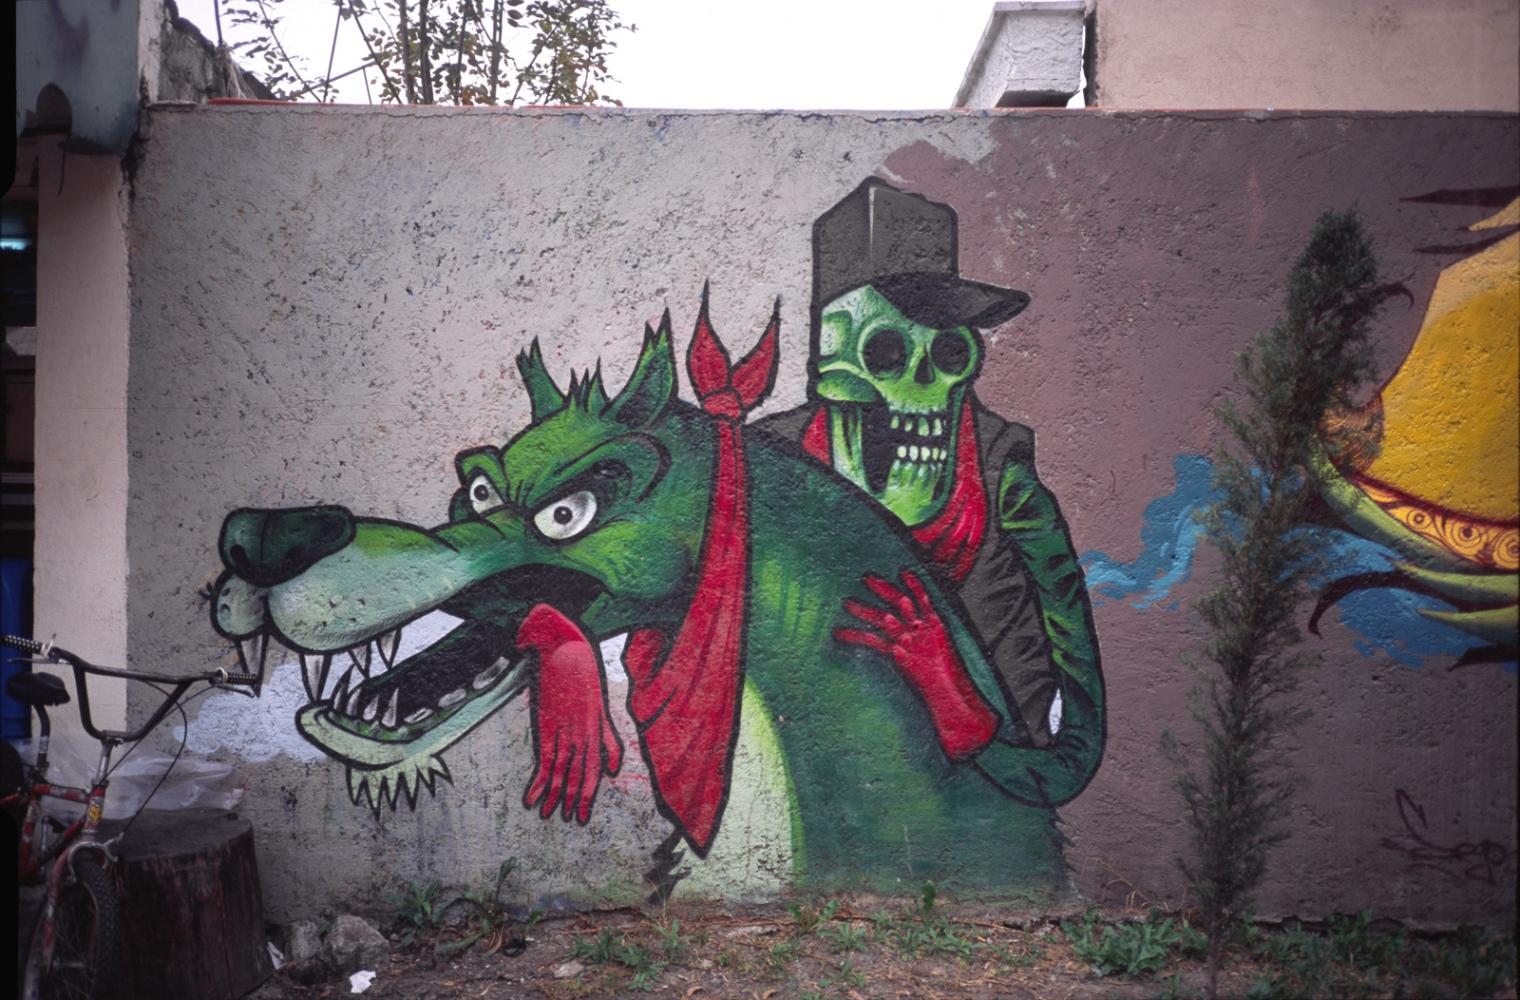 Graffiti, Colonia Jardin Balbuena, Mexico, D.F. 2010